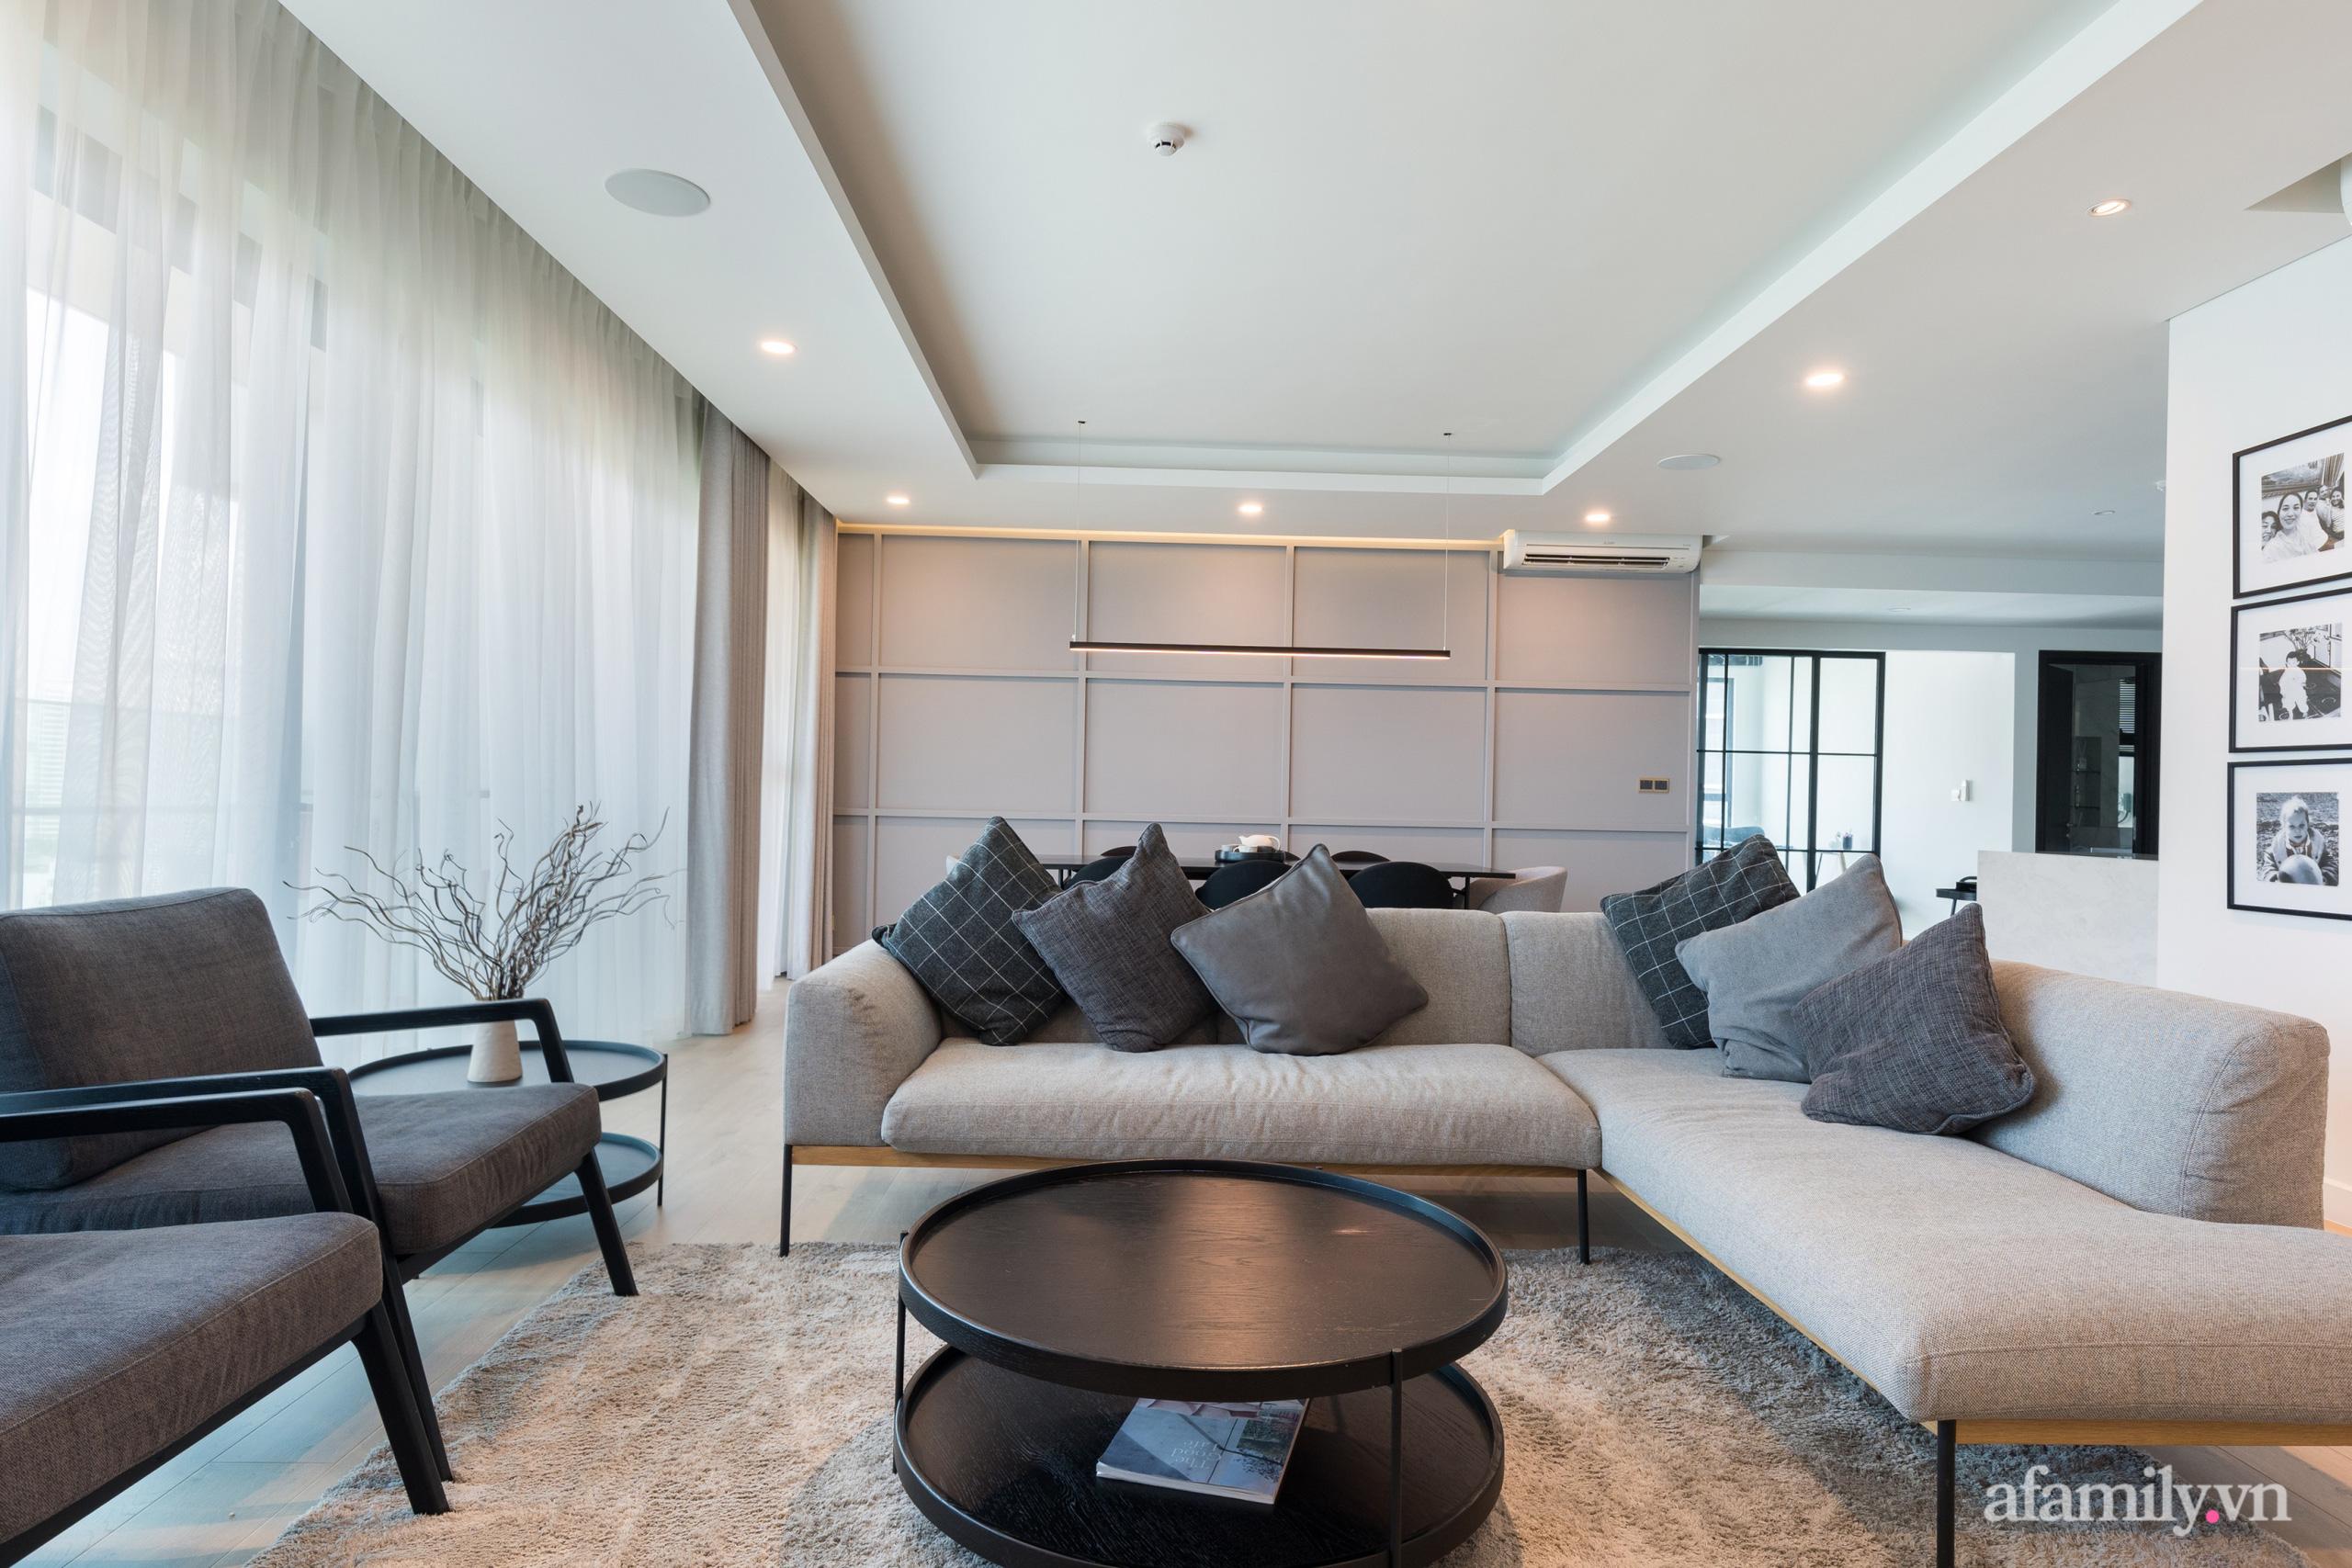 Căn hộ 216m² đẹp sang trọng và hiện đại thu trọn vẻ đẹp quận 2 Sài Gòn trong tầm mắt nhờ phong cách Minimalism - Ảnh 6.